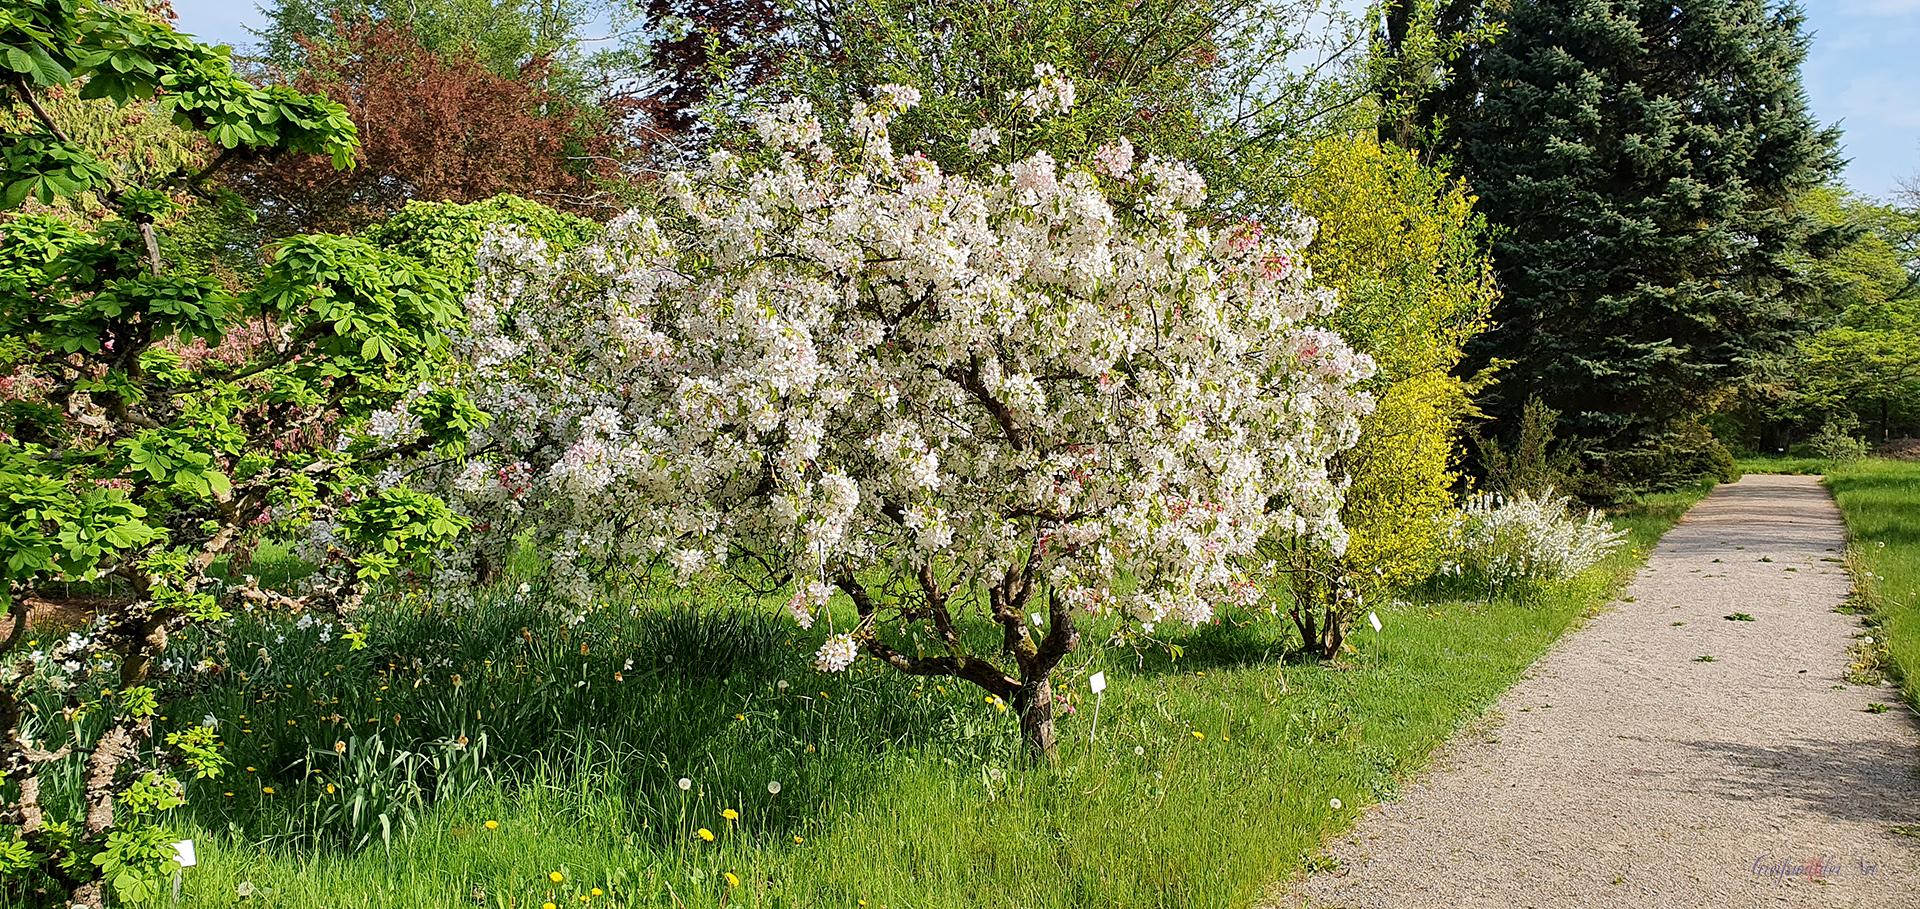 Arboretum des Botanischen Gartens Greifswald